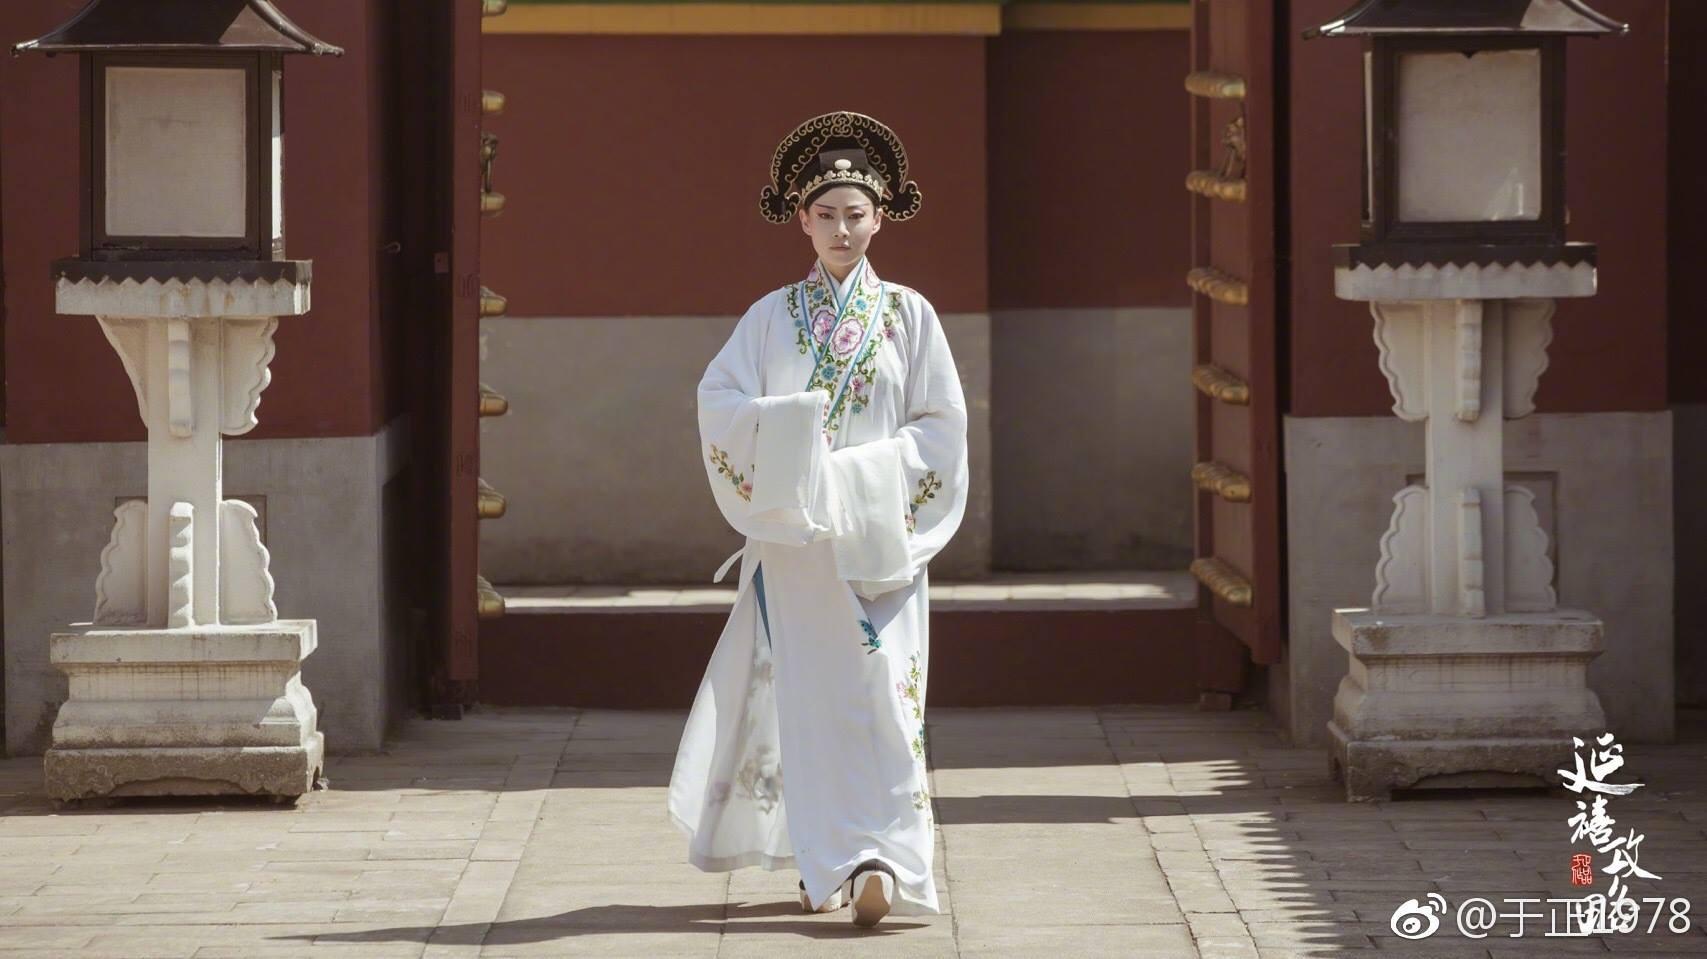 Bởi một khi người con gái đã bước vào Tử Cấm thành thì chỉ có thể nghĩ đến hoàng đế mà thôi